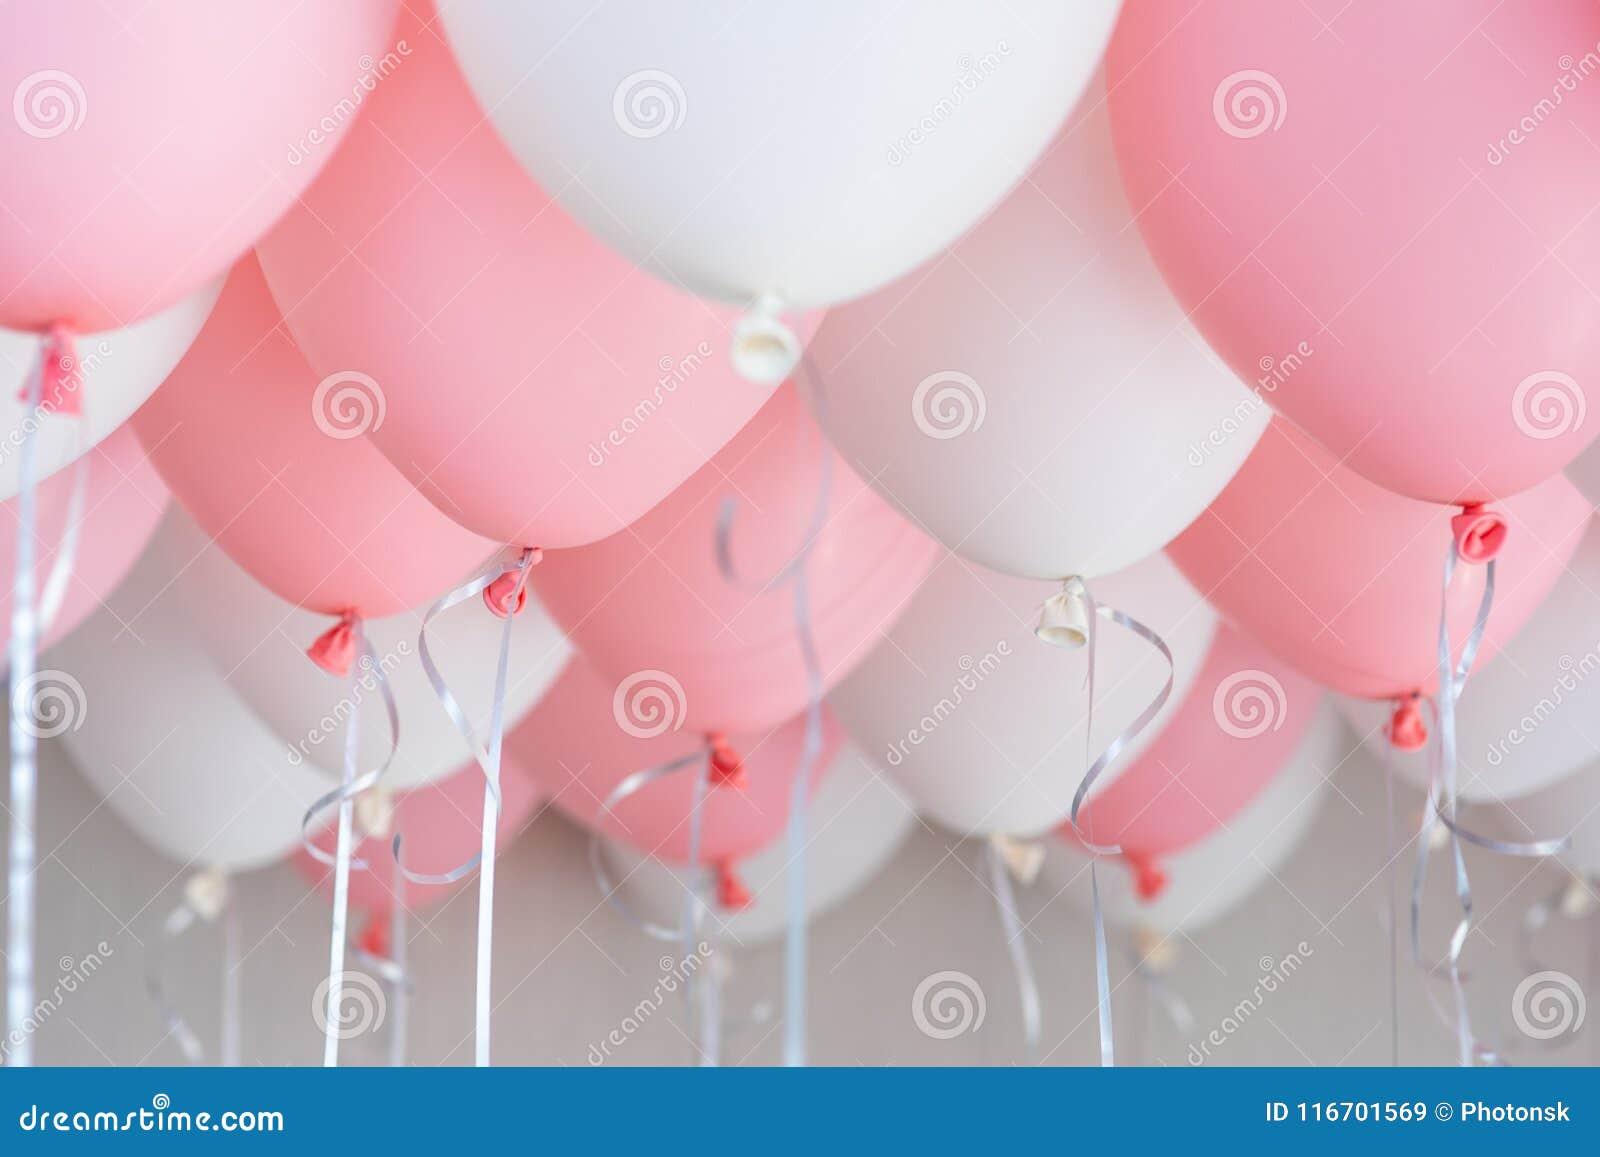 Bunte Ballone, Rosa, Weiß, Ausläufer Helium Ballon, der in Geburtstagsfeier schwimmt Konzeptballon der Liebe und